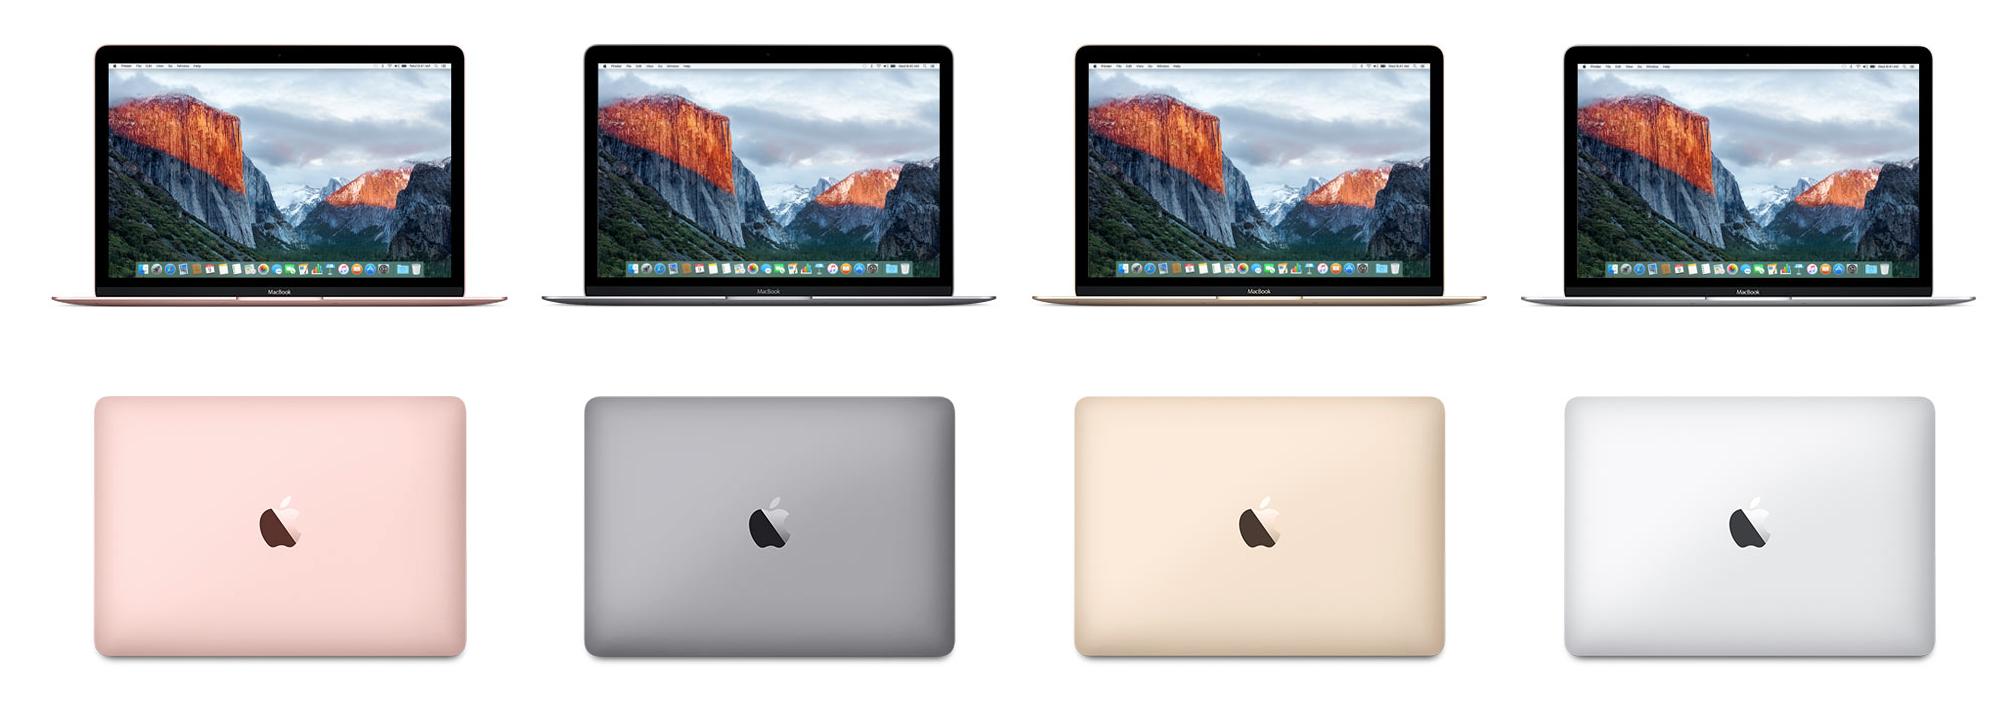 Apple MacBook mit neuesten Prozessoren, längerer Batterielaufzeit und in Roségold.